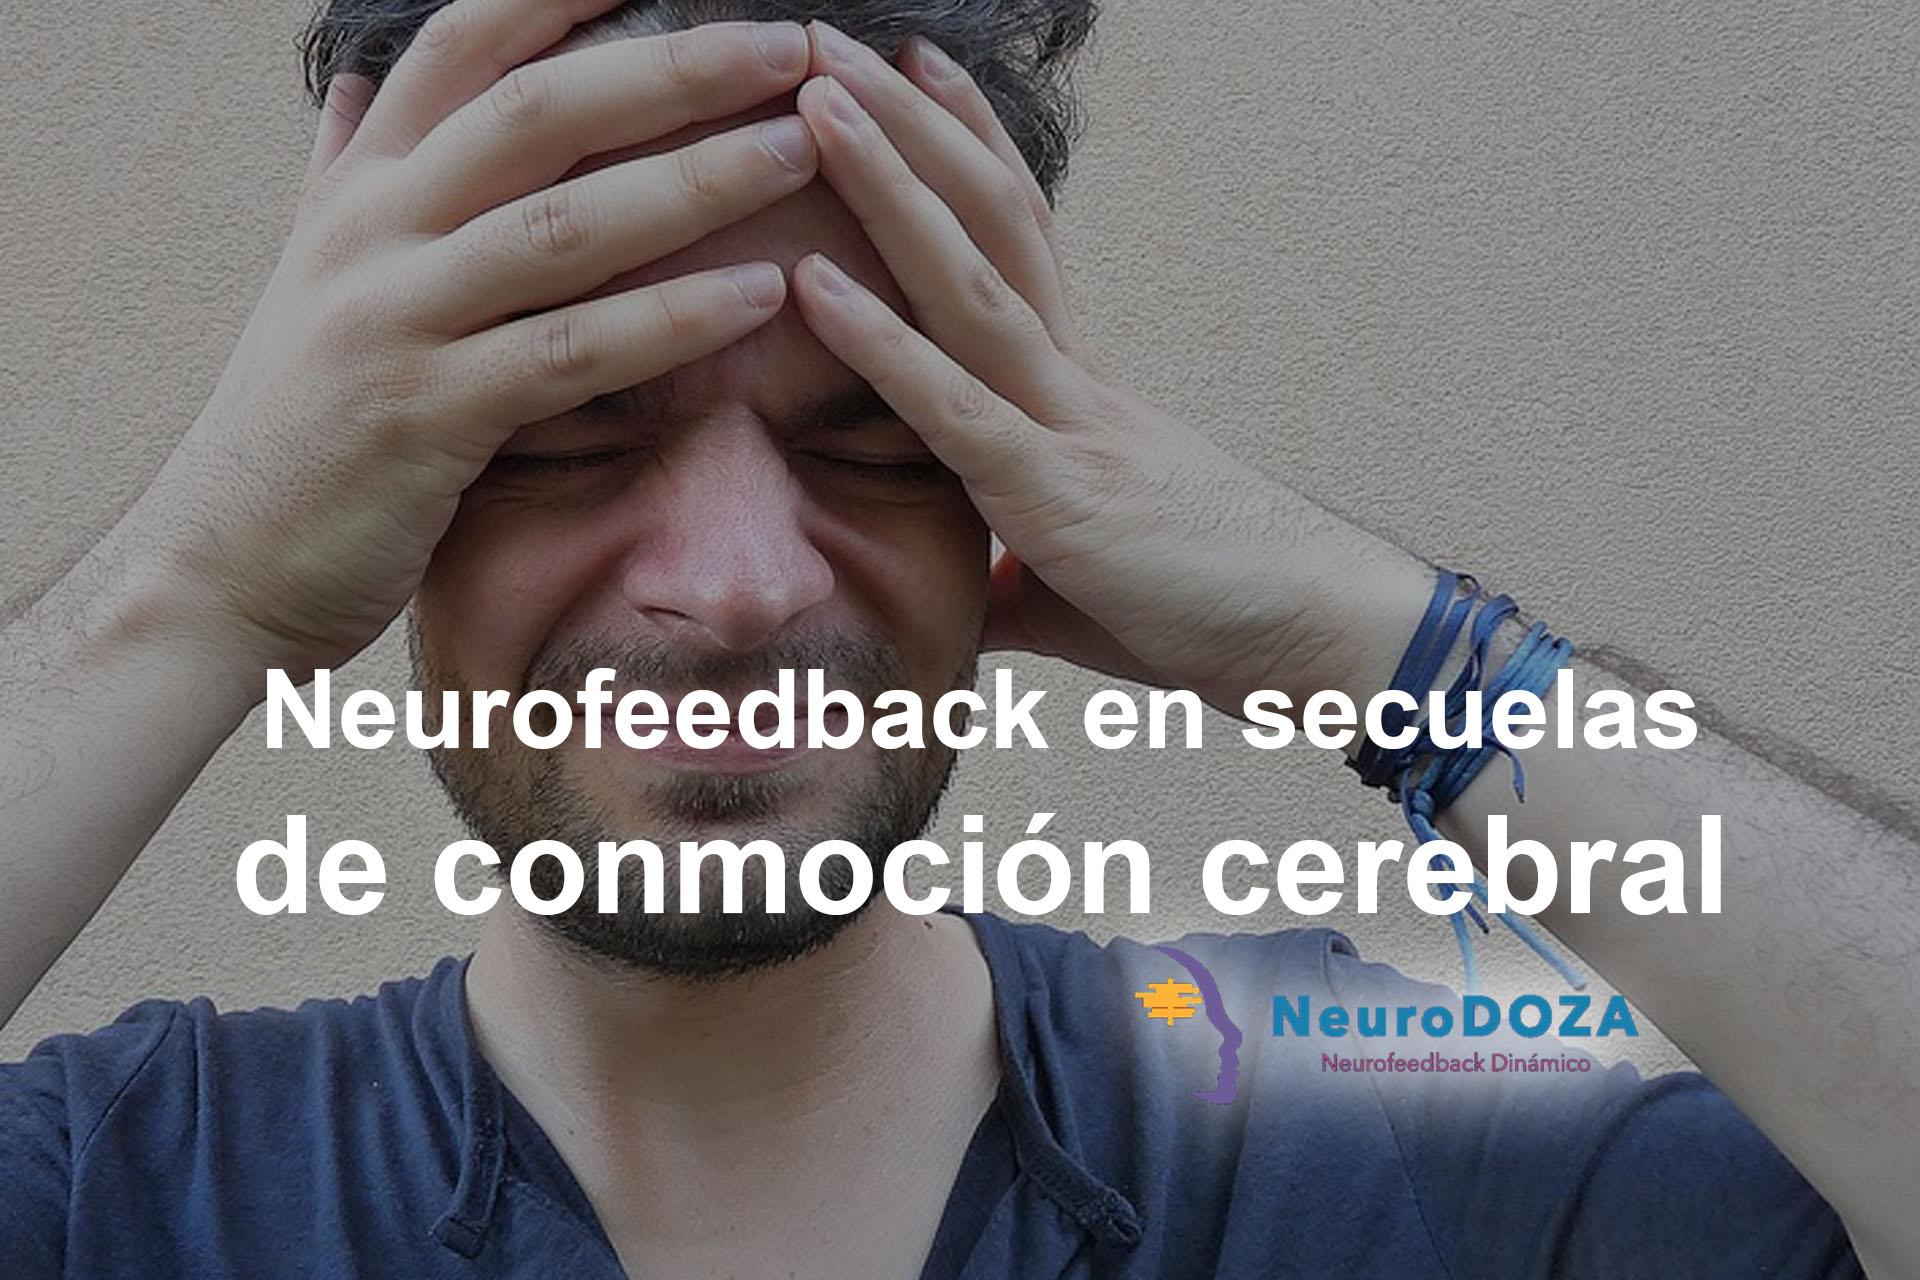 Conmoción cerebral o lesión en la cabeza